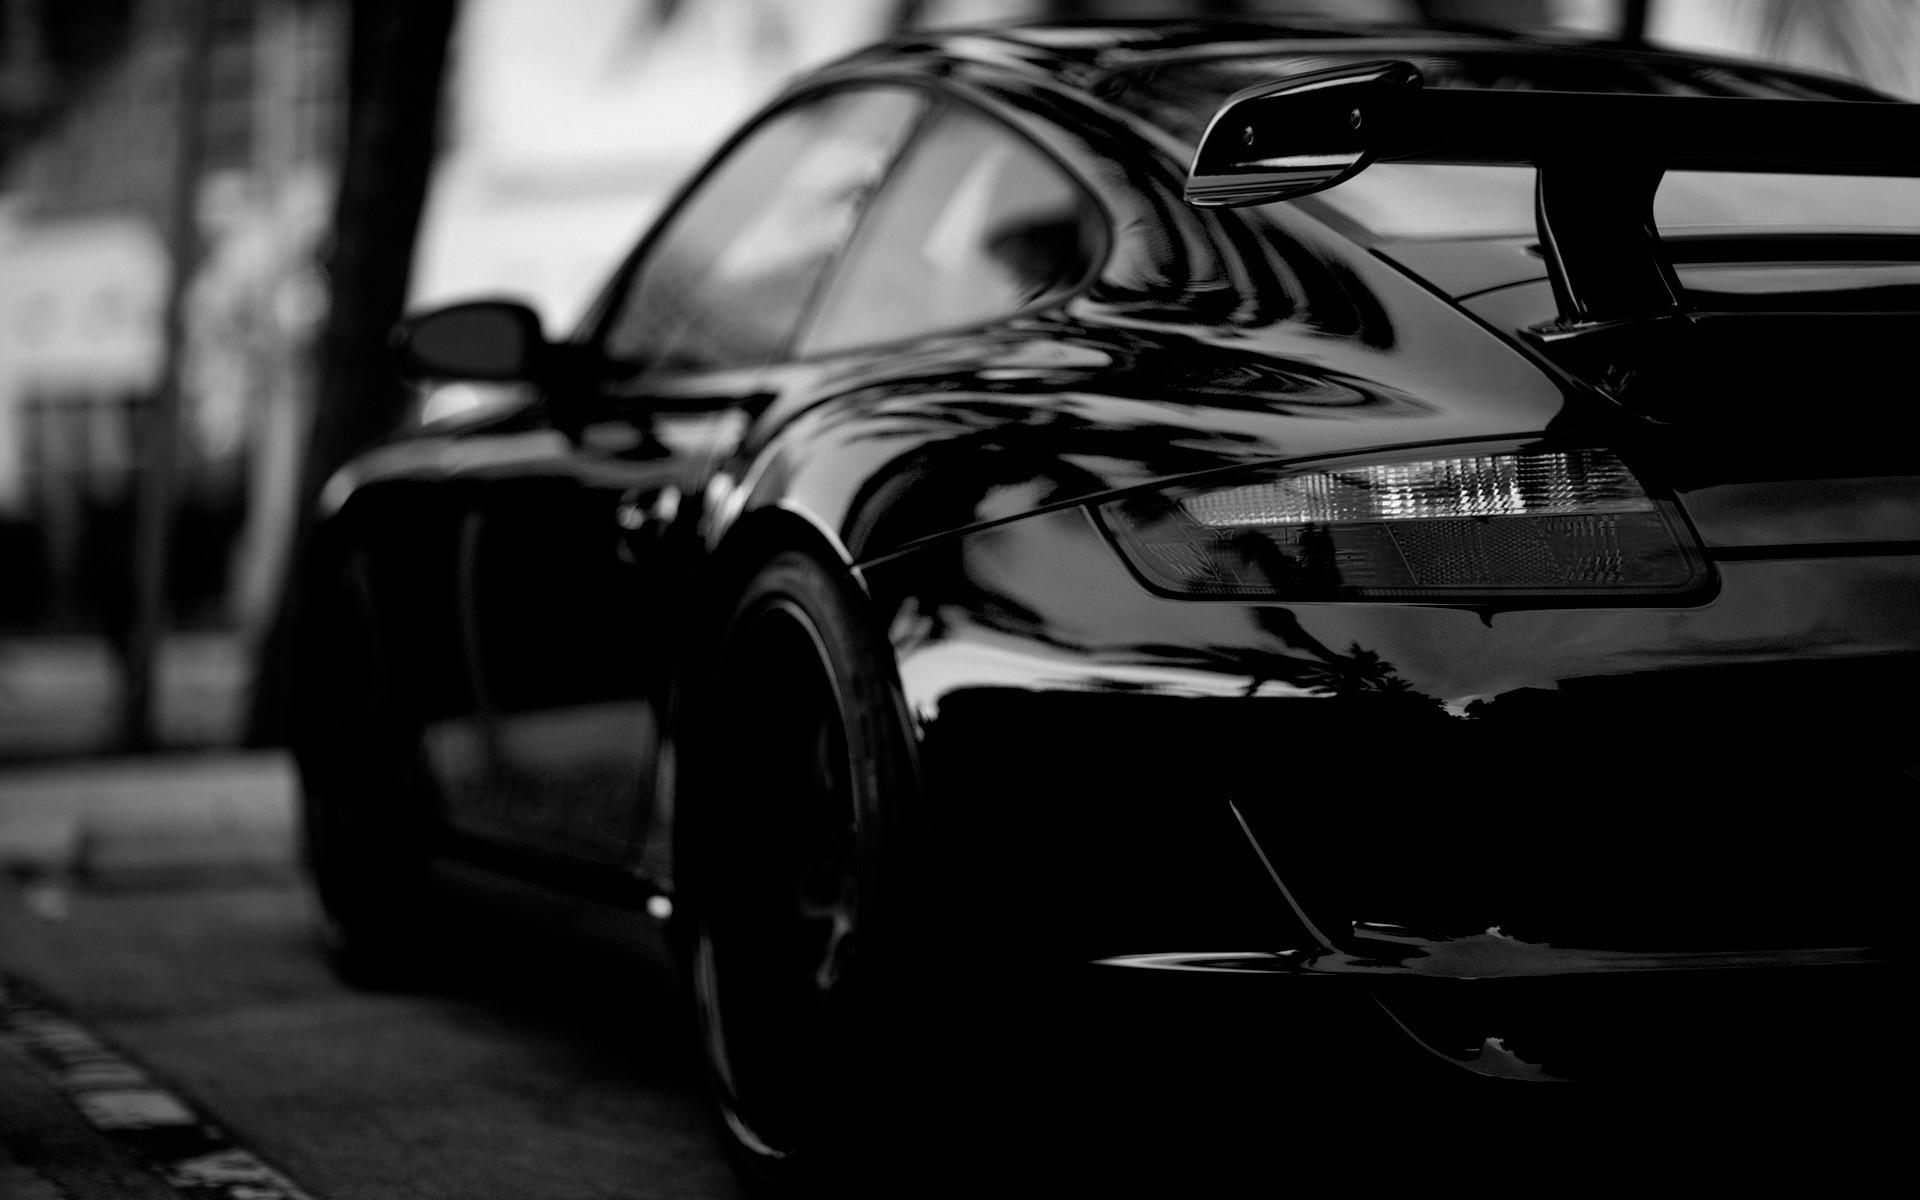 Porsche Macan Wallpaper Iphone Die 68 Besten Porsche Wallpapers